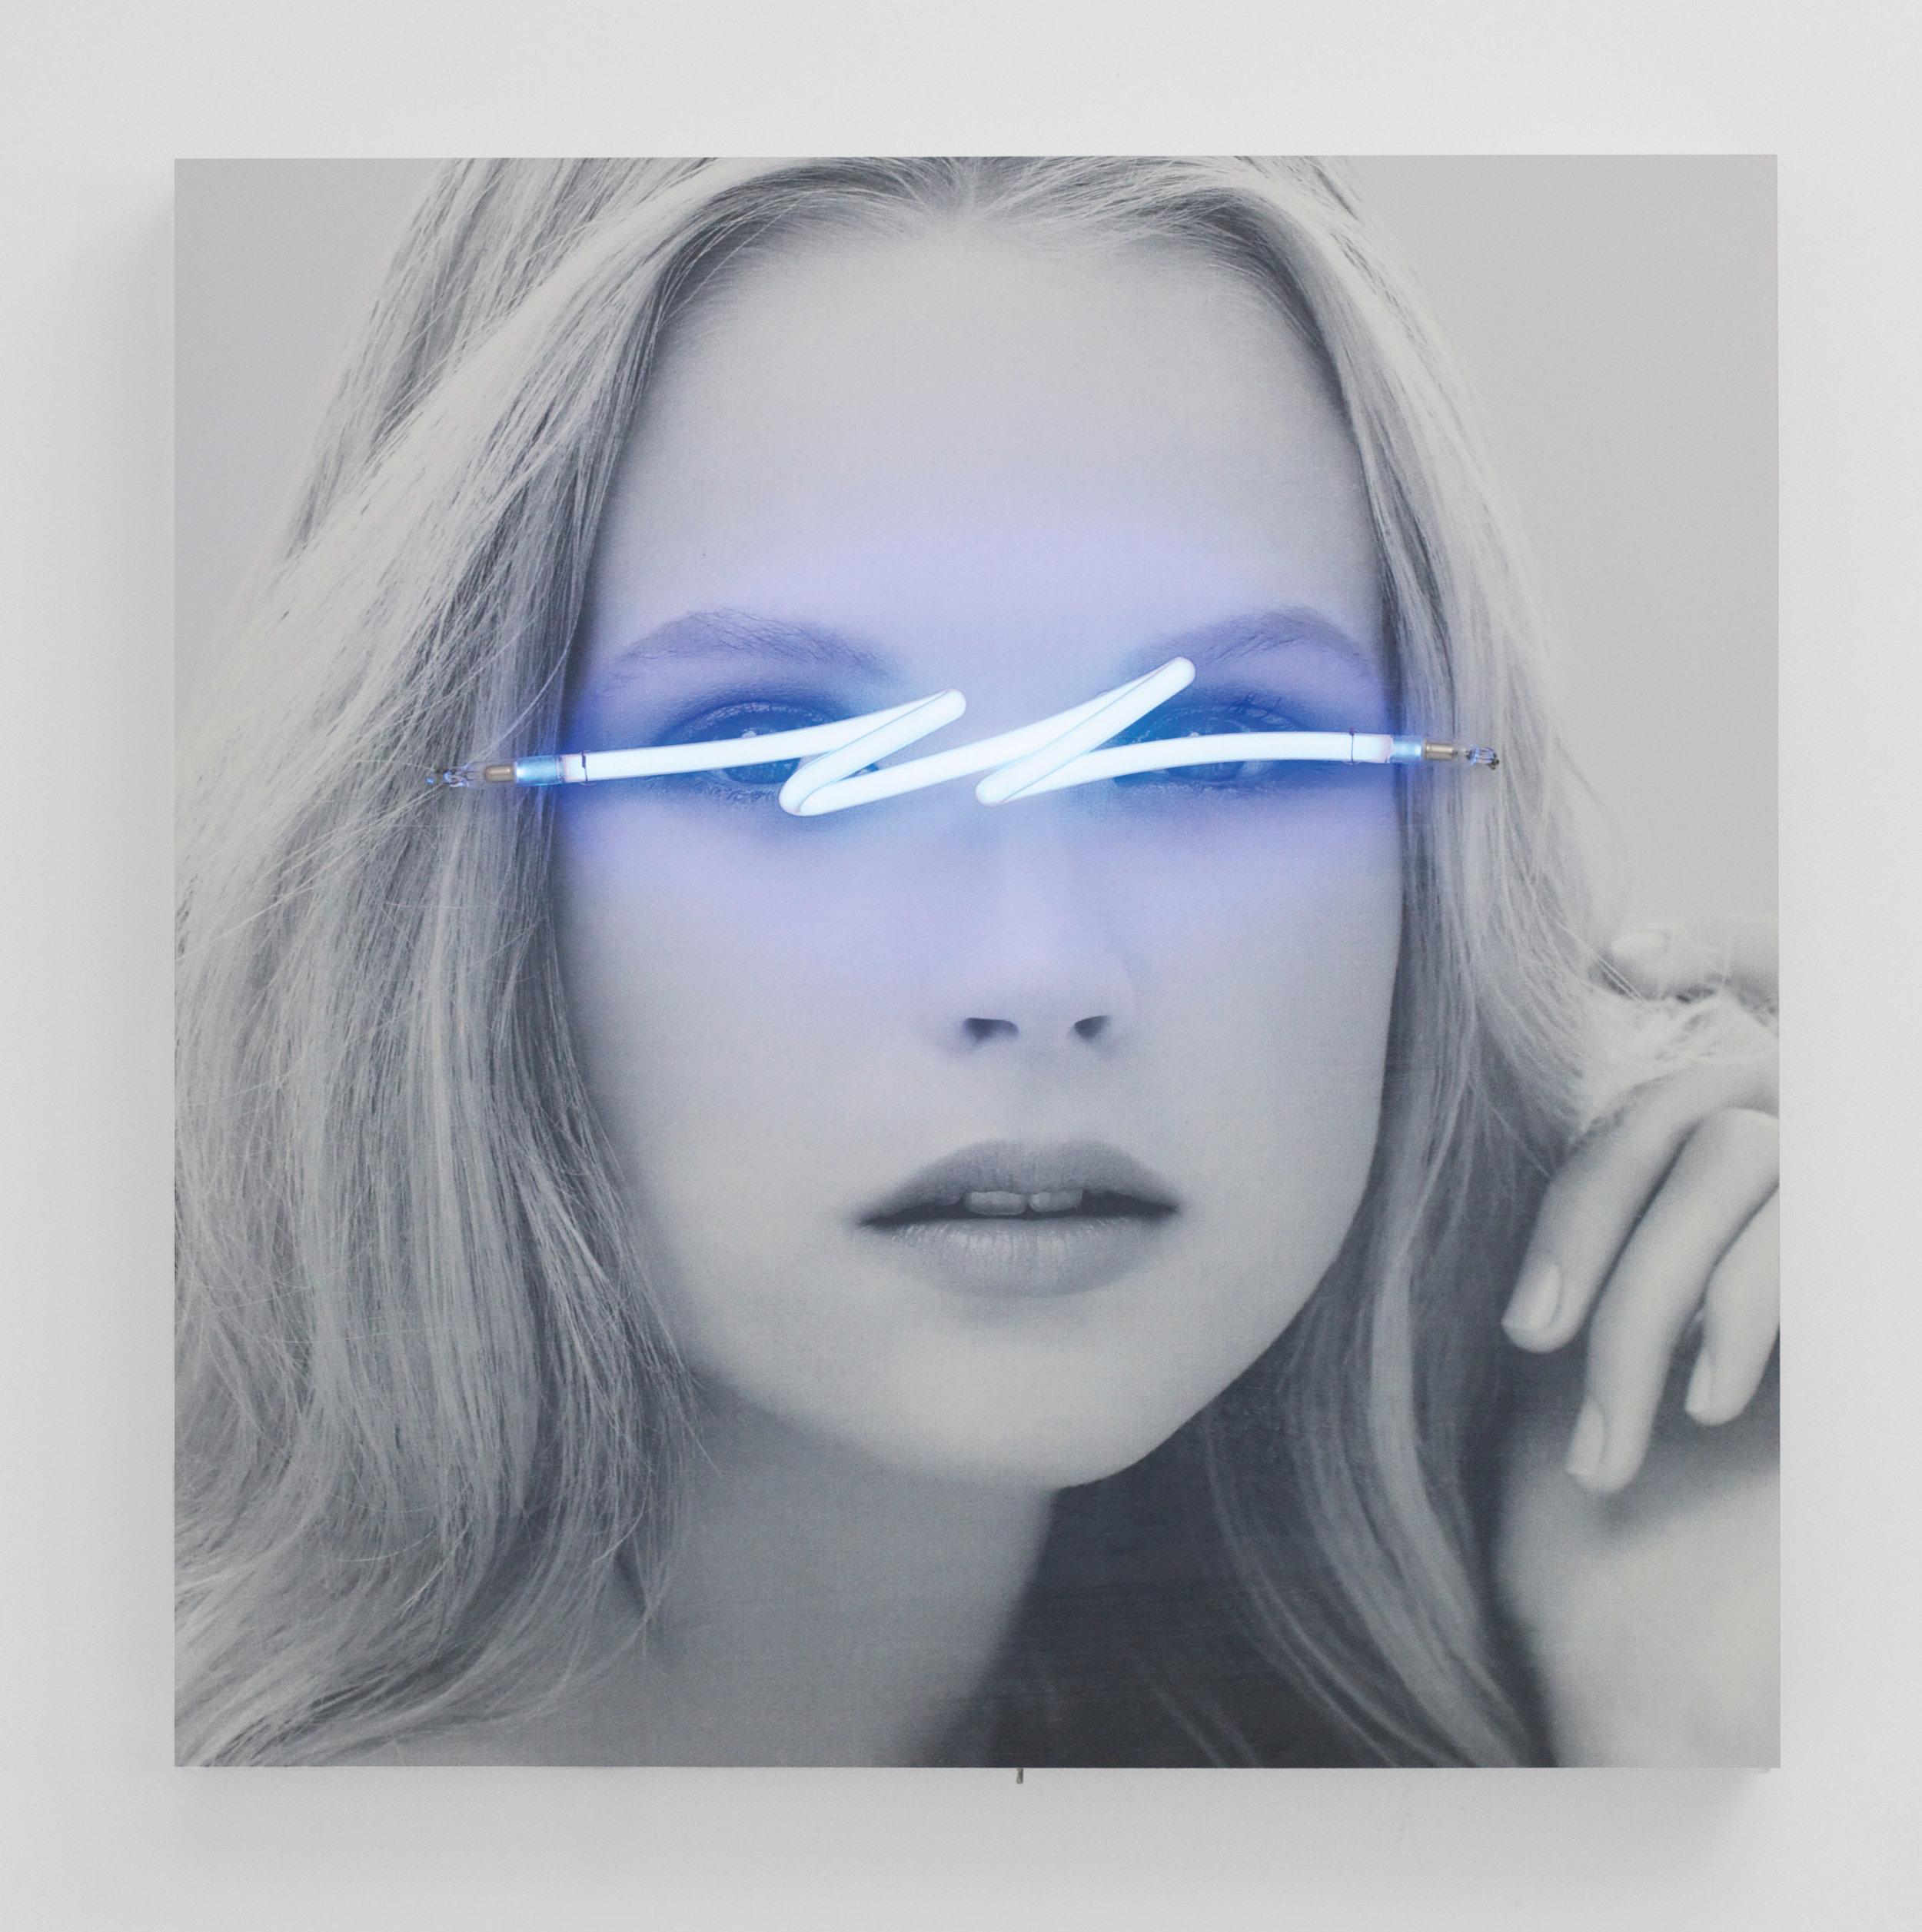 Blindness Light Porcelain Dream, 2017